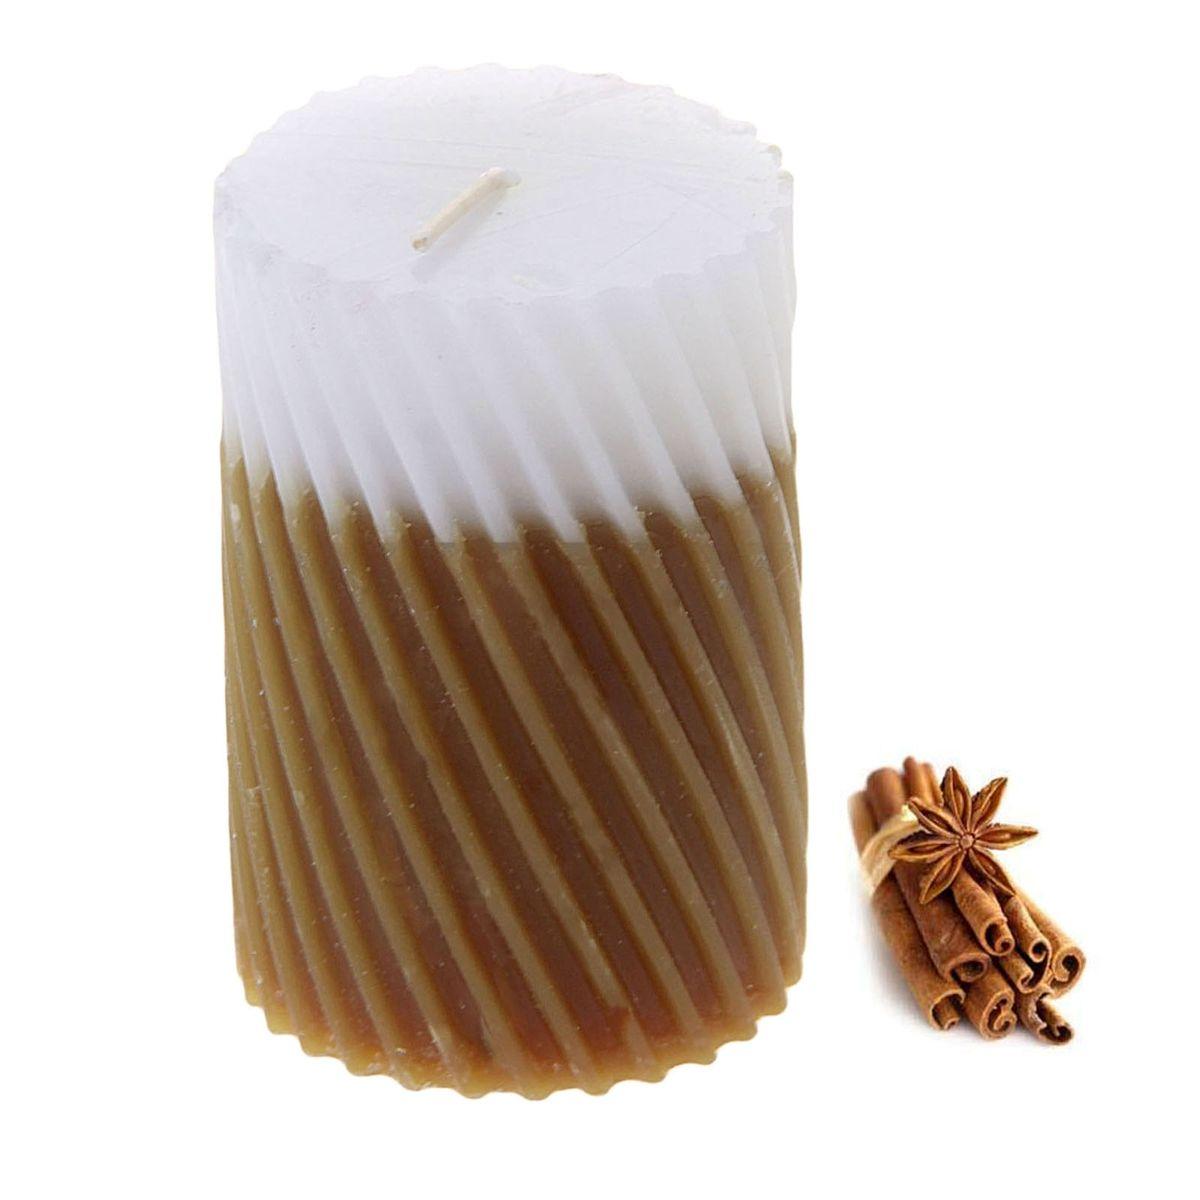 Свеча ароматизированная Sima-land Корица, высота 7,5 см. 849544849544Свеча Sima-land Корица выполнена из воска и оформлена резным рельефом. Свеча порадует ярким дизайном и приятным ароматом корицы, который понравится как женщинам, так и мужчинам. Создайте для себя и своих близких незабываемую атмосферу праздника в доме. Ароматическая свеча Sima-land Корица раскрасит серые будни яркими красками.